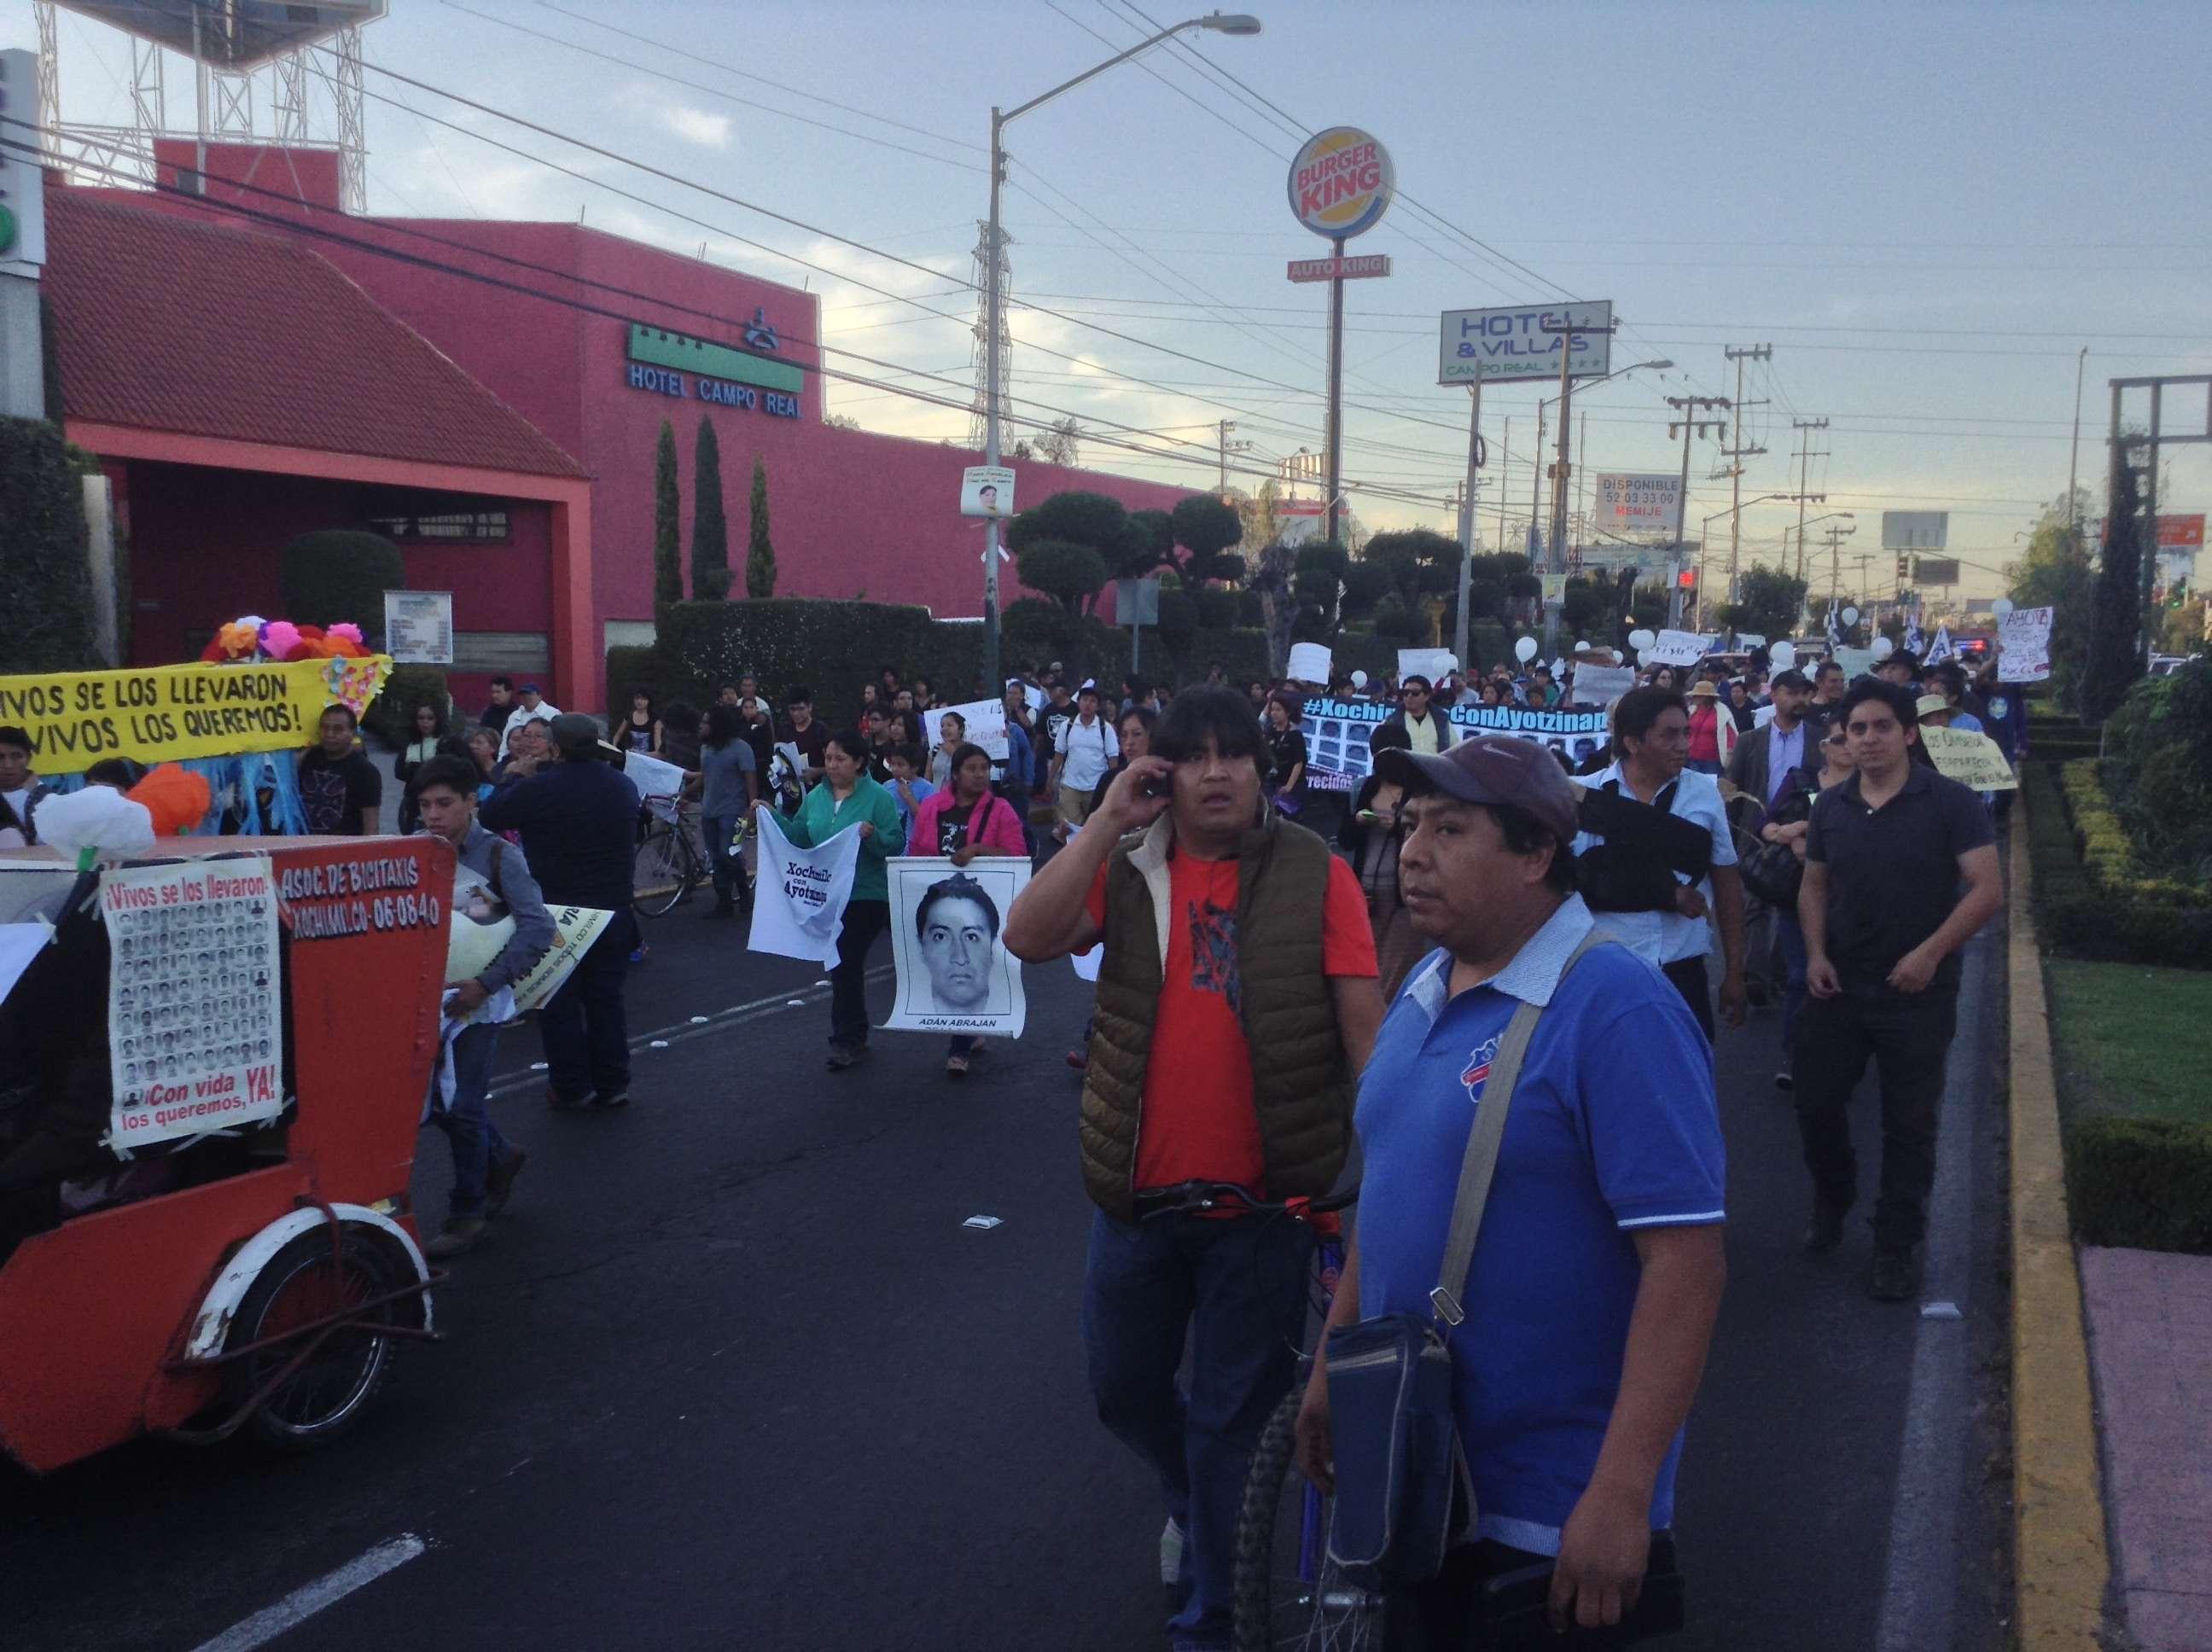 Familiares de los normalistas desaparecidos en Ayotzinapa, ciudadanos en general, así como varias organizaciones sociales de Xochimilco, marcharon por la avenida Prolongación División del Norte hacia el deportivo Xochimilco en demanda de justicia. #XochimilcoConAyotzinapa, es el hashtag con el que se informa en la red social Twitter y en la cuenta @Xochimilco_DF, sobre el avance e incidencias de la marcha. Foto: Verónica Ortiz Narváez/Terra México